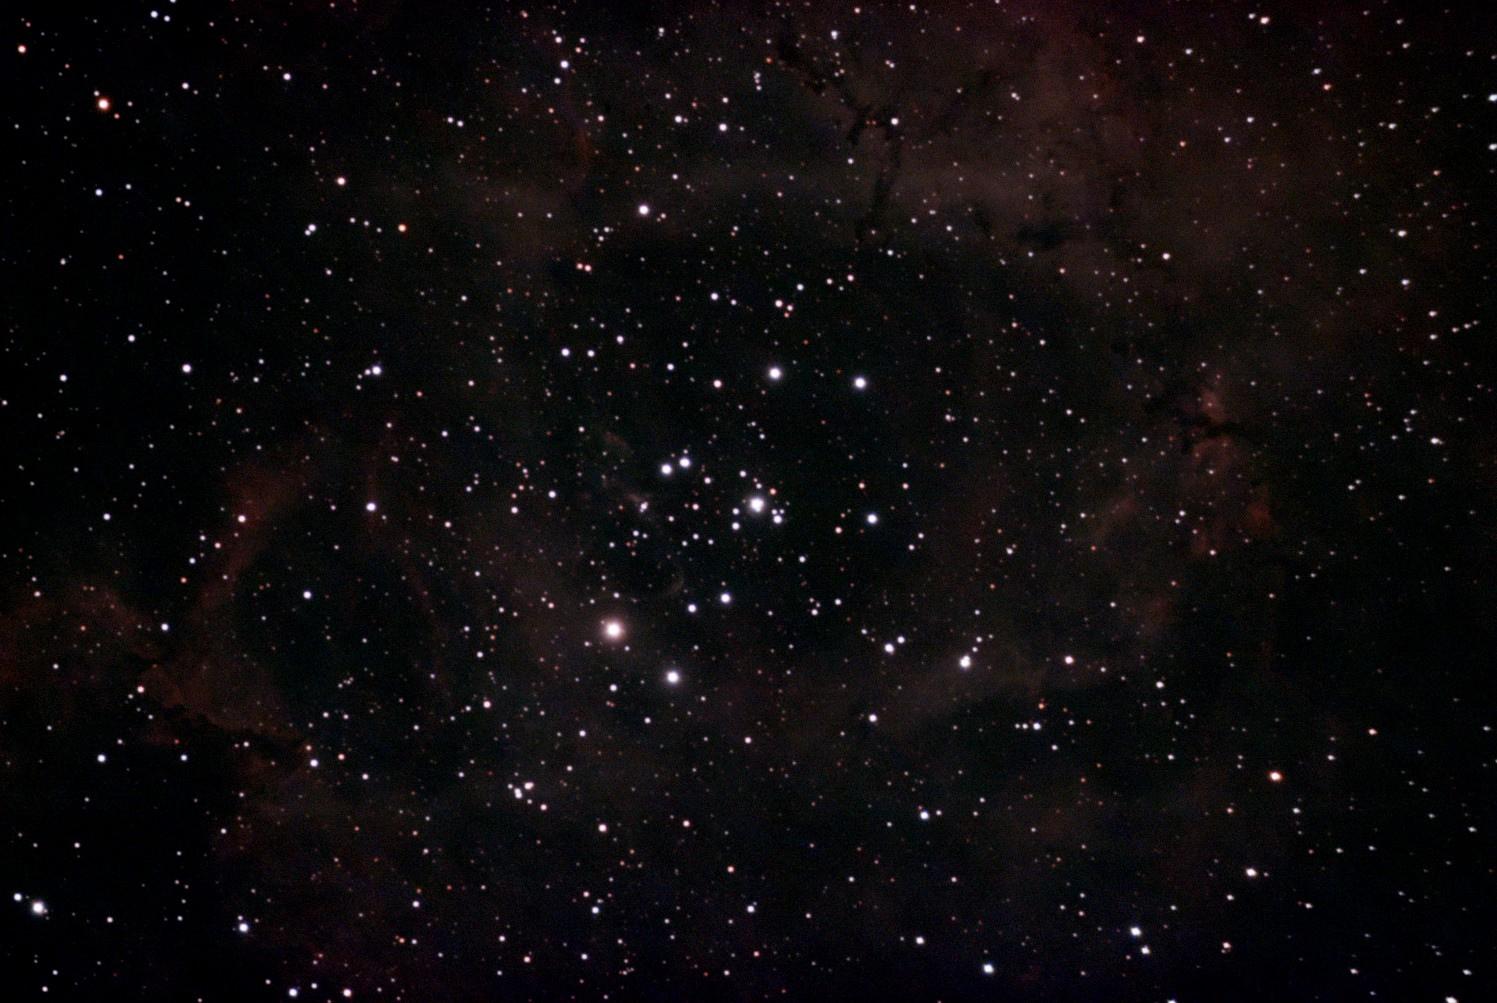 NGC2237_44_1-0481-output.jpeg